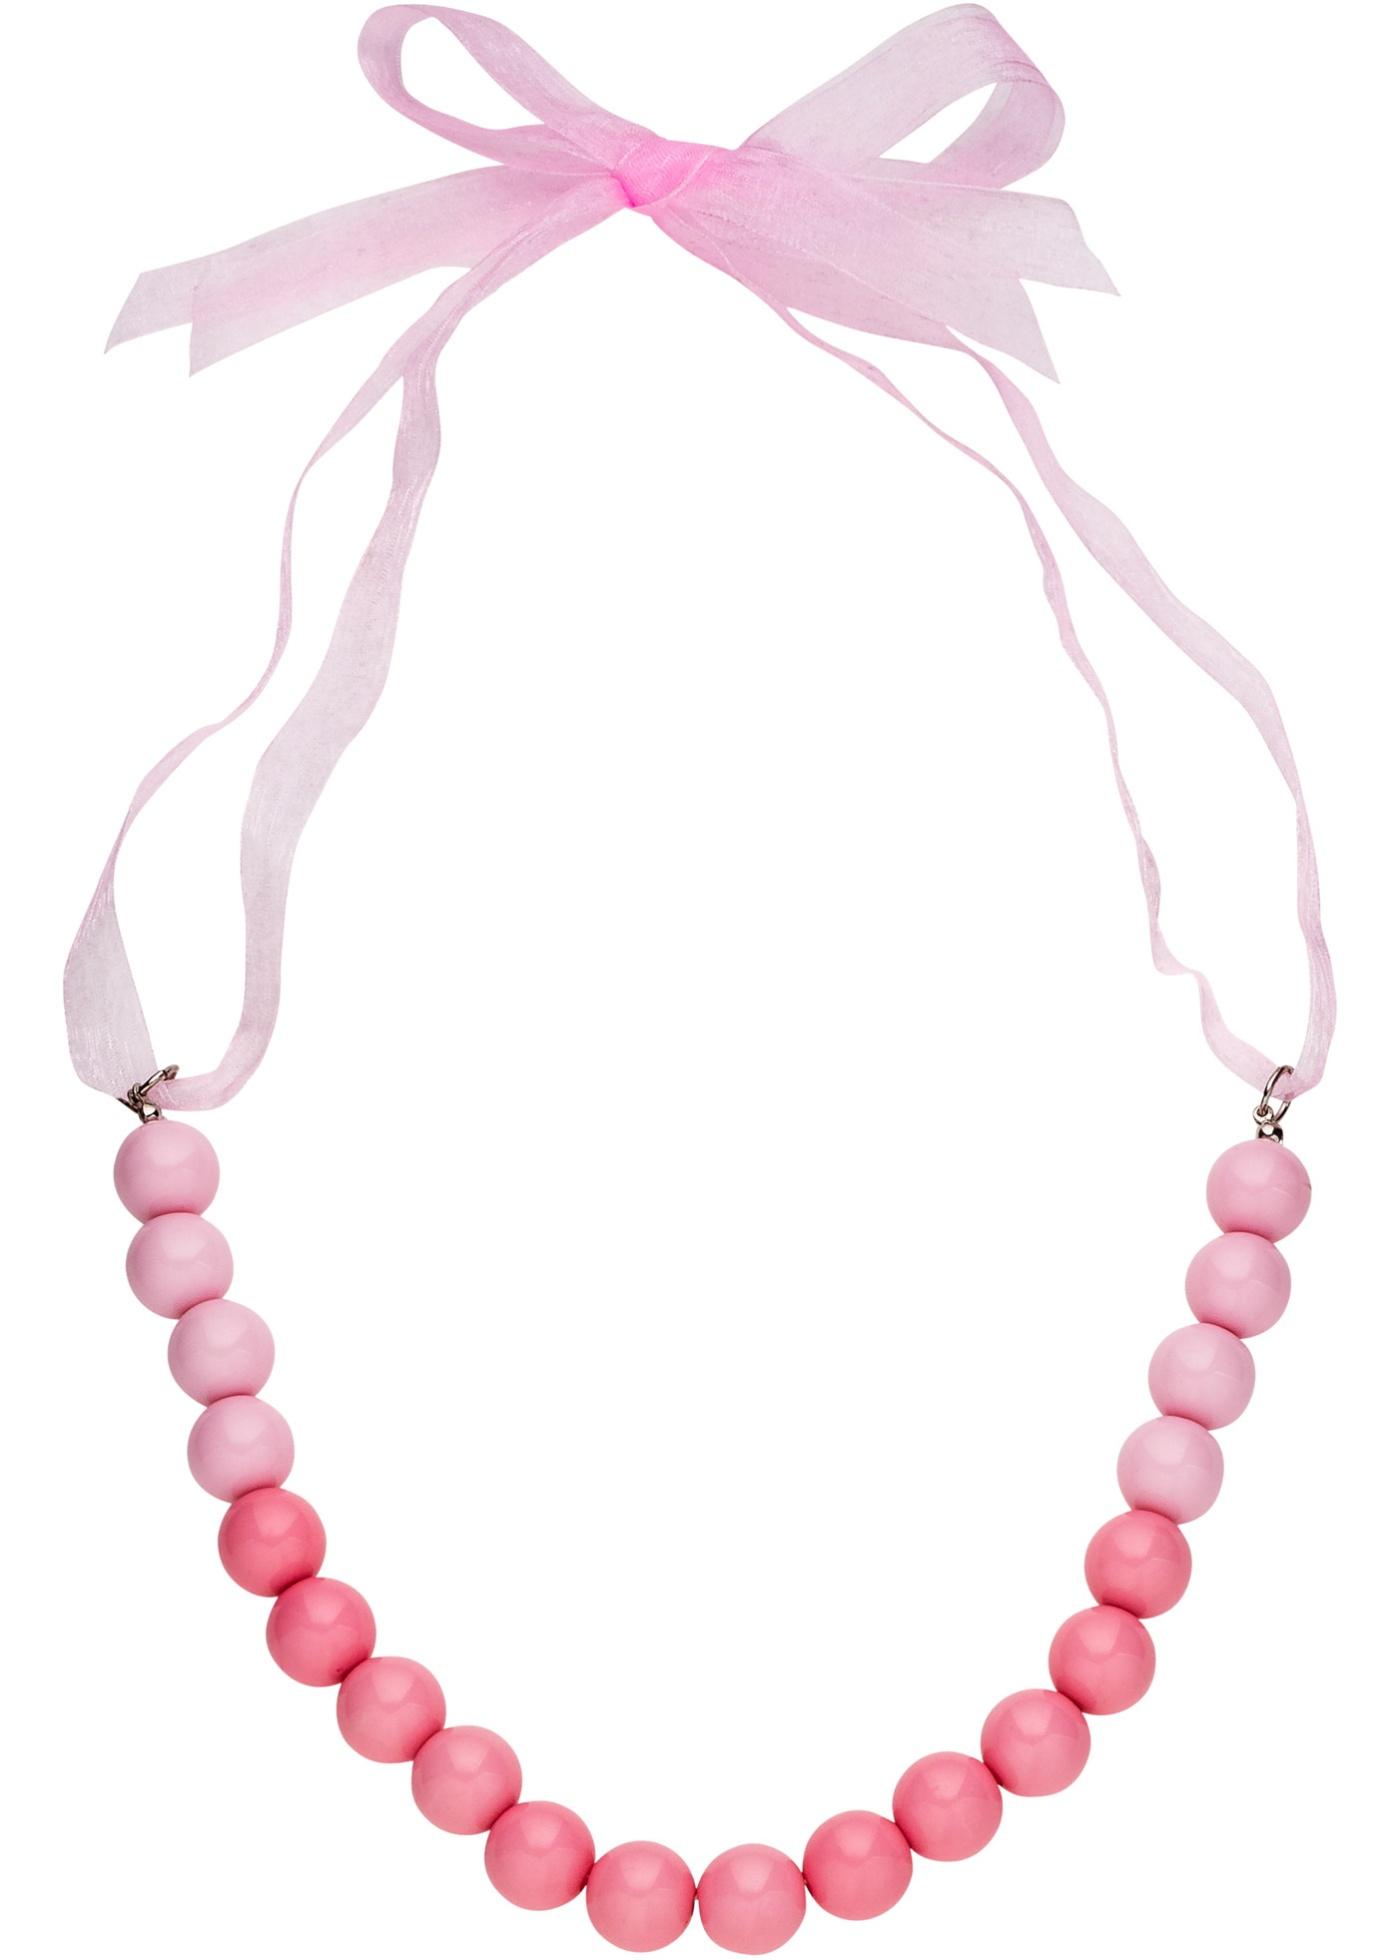 Collier de perles avec ruban satin